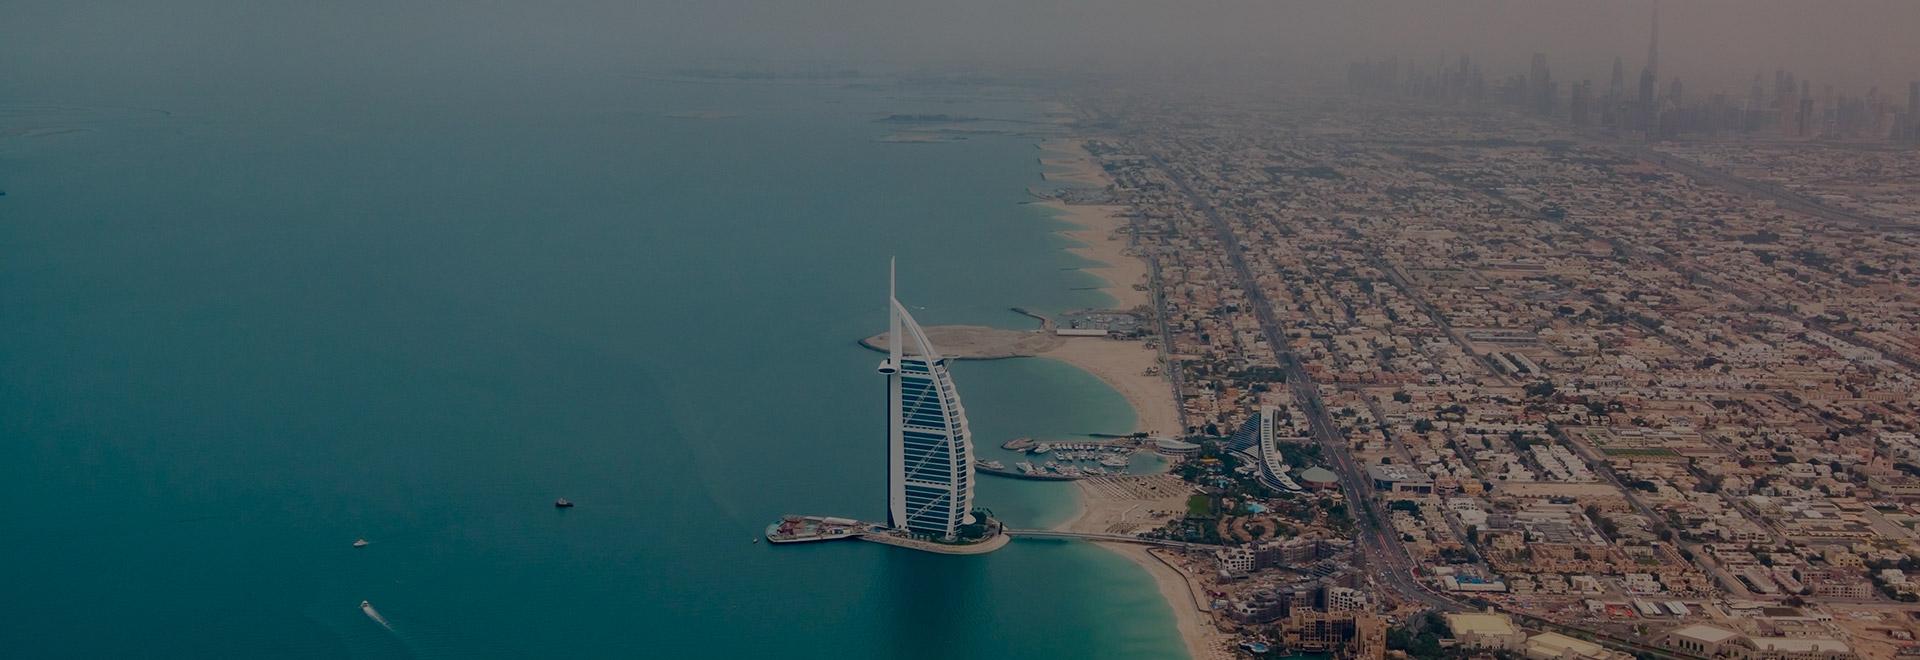 Orientation Meetings - Dubai